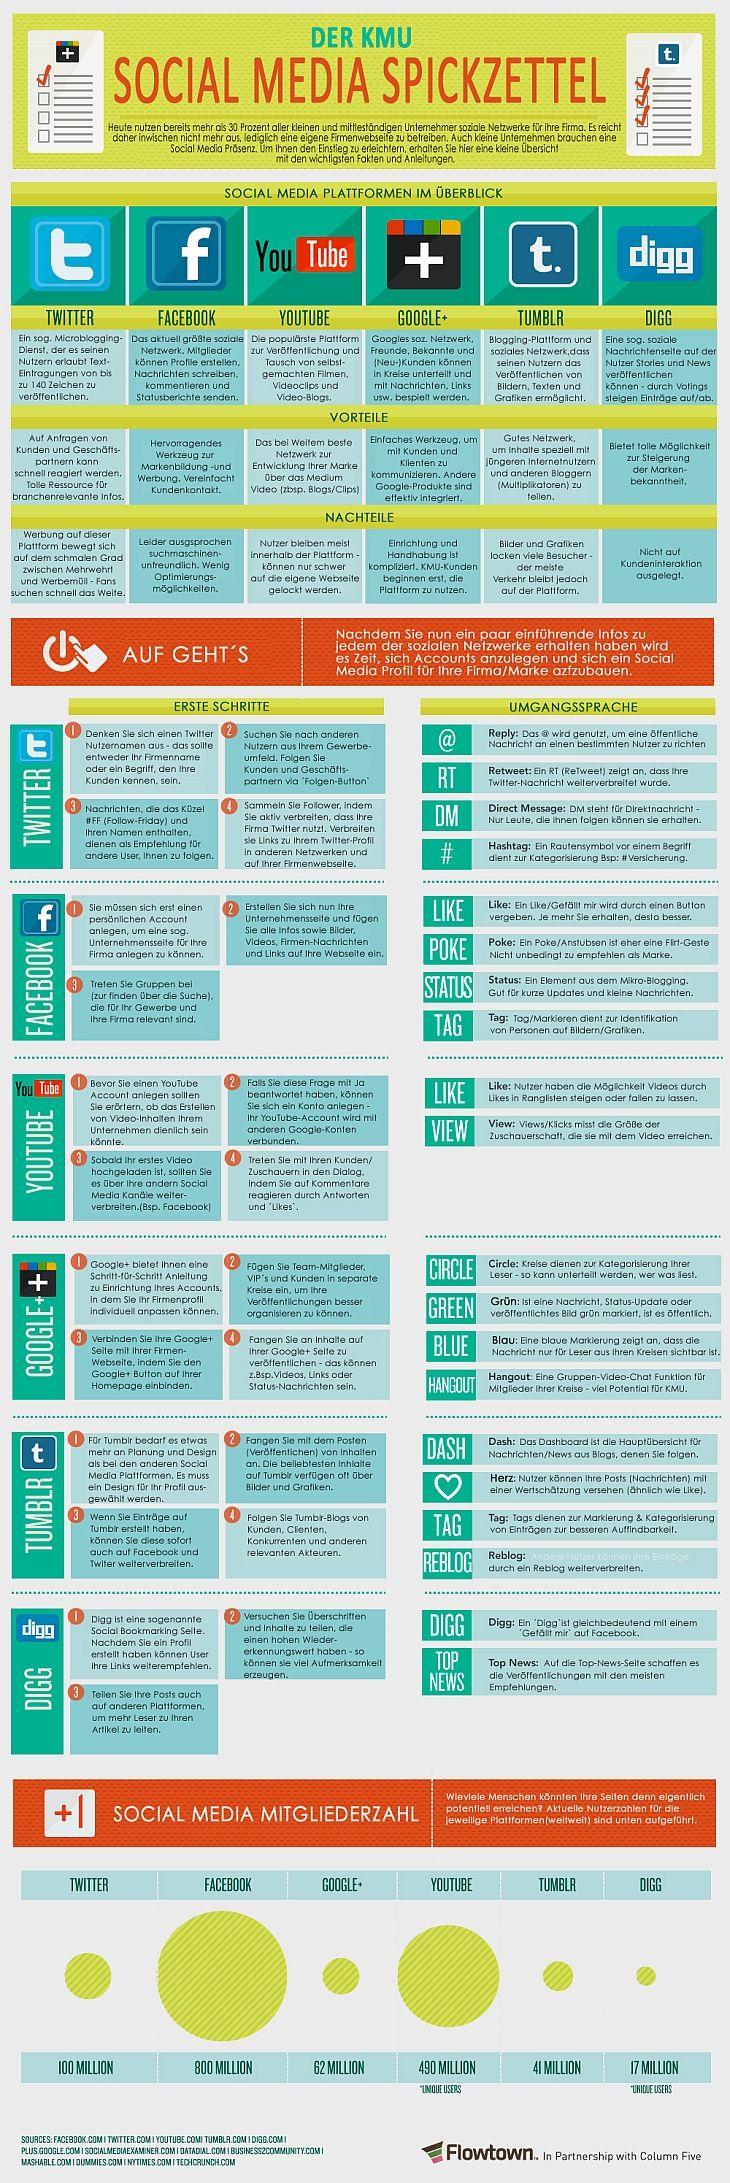 """Die Infografik """"Der KMU Social Media Spickzettel"""" führt Neulinge Schritt für Schritt in den Aufbau, die Funktionsweise und das (Fach-)Jargon der großen sozialen Netzwerke Facebook, Twitter, Youtube, Tumblr und Digg ein und bietet eine Reihe praktischer Tipps, wie man diese effektiv für das eigene Unternehmen nutzen kann."""